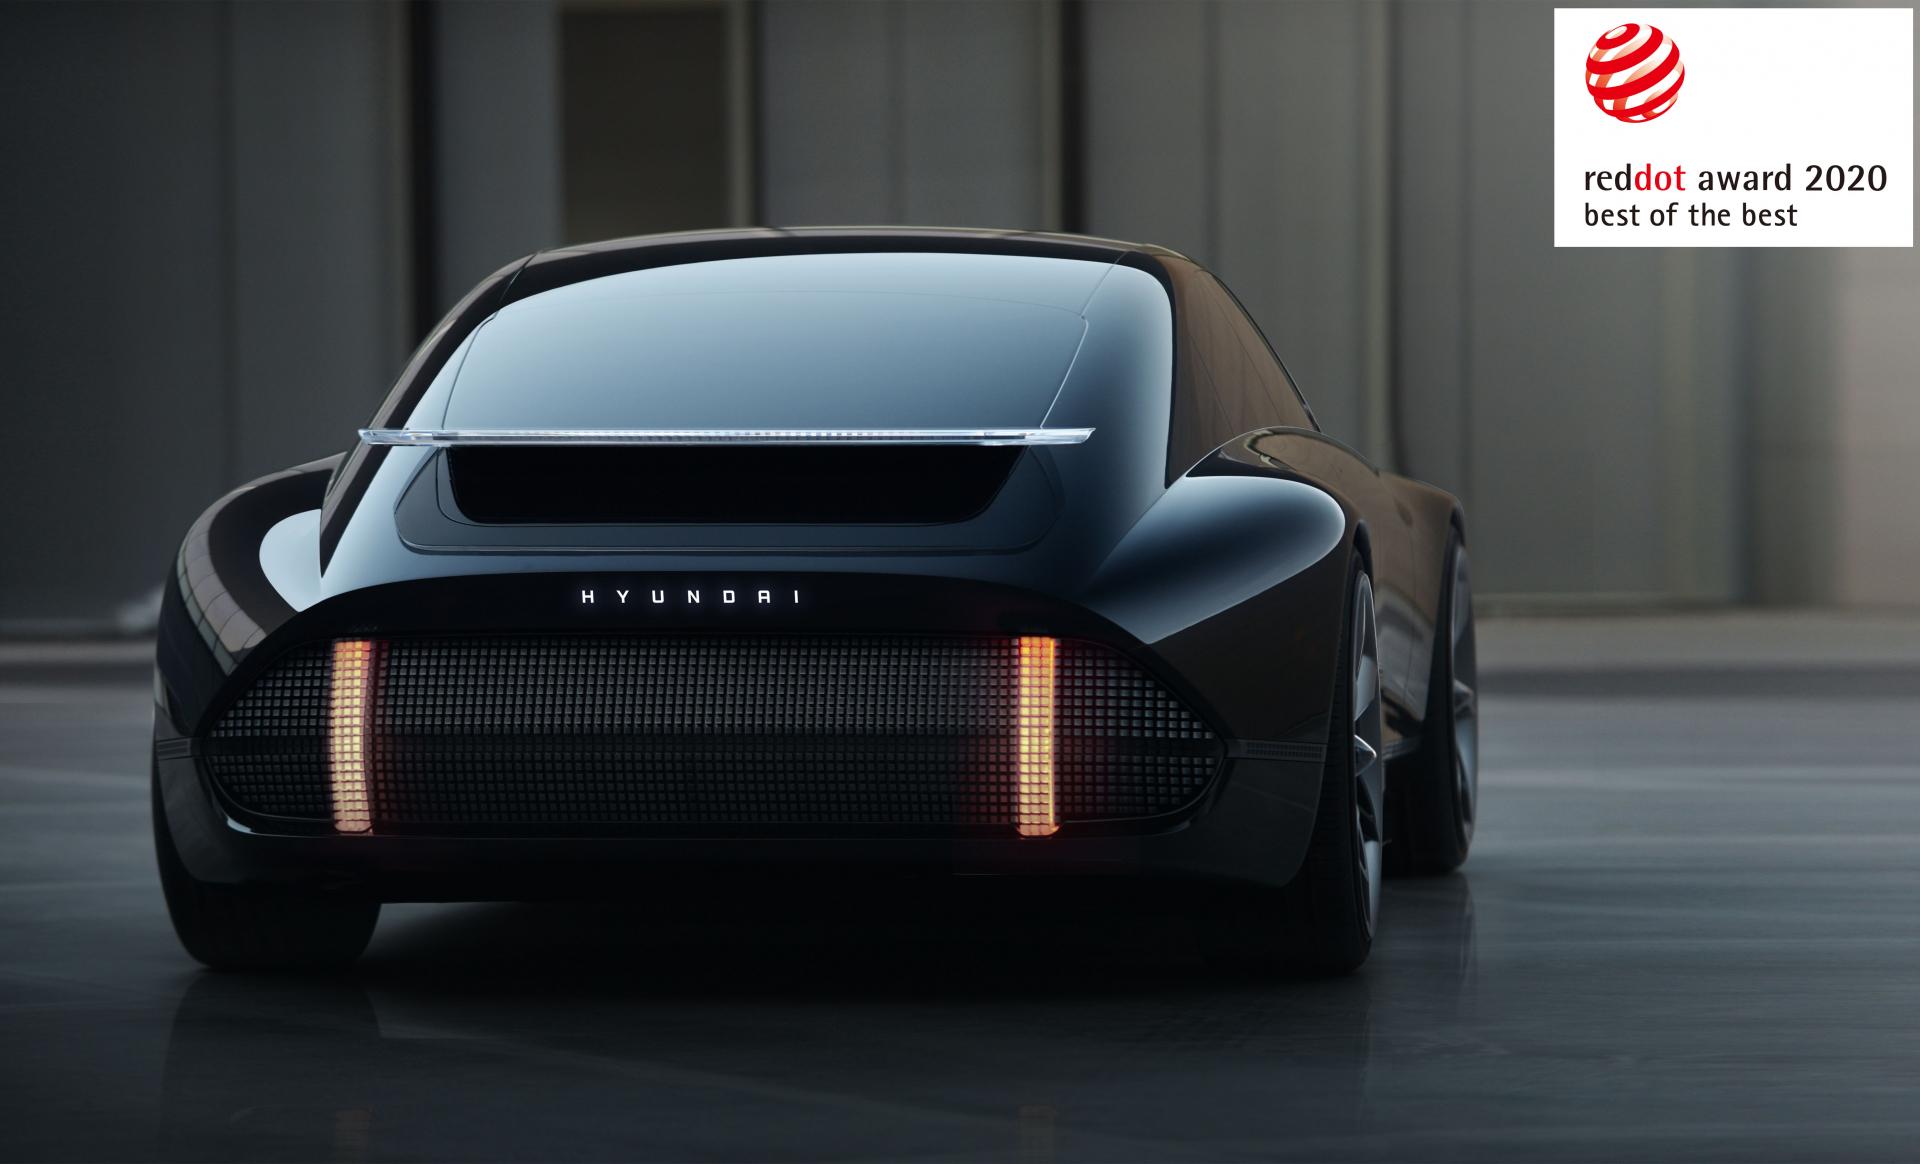 Компанія Hyundai Motor отримала три нагороди Red Dot Award 2020 за концептуальний дизайн   Техноцентр «Навигатор» - фото 13